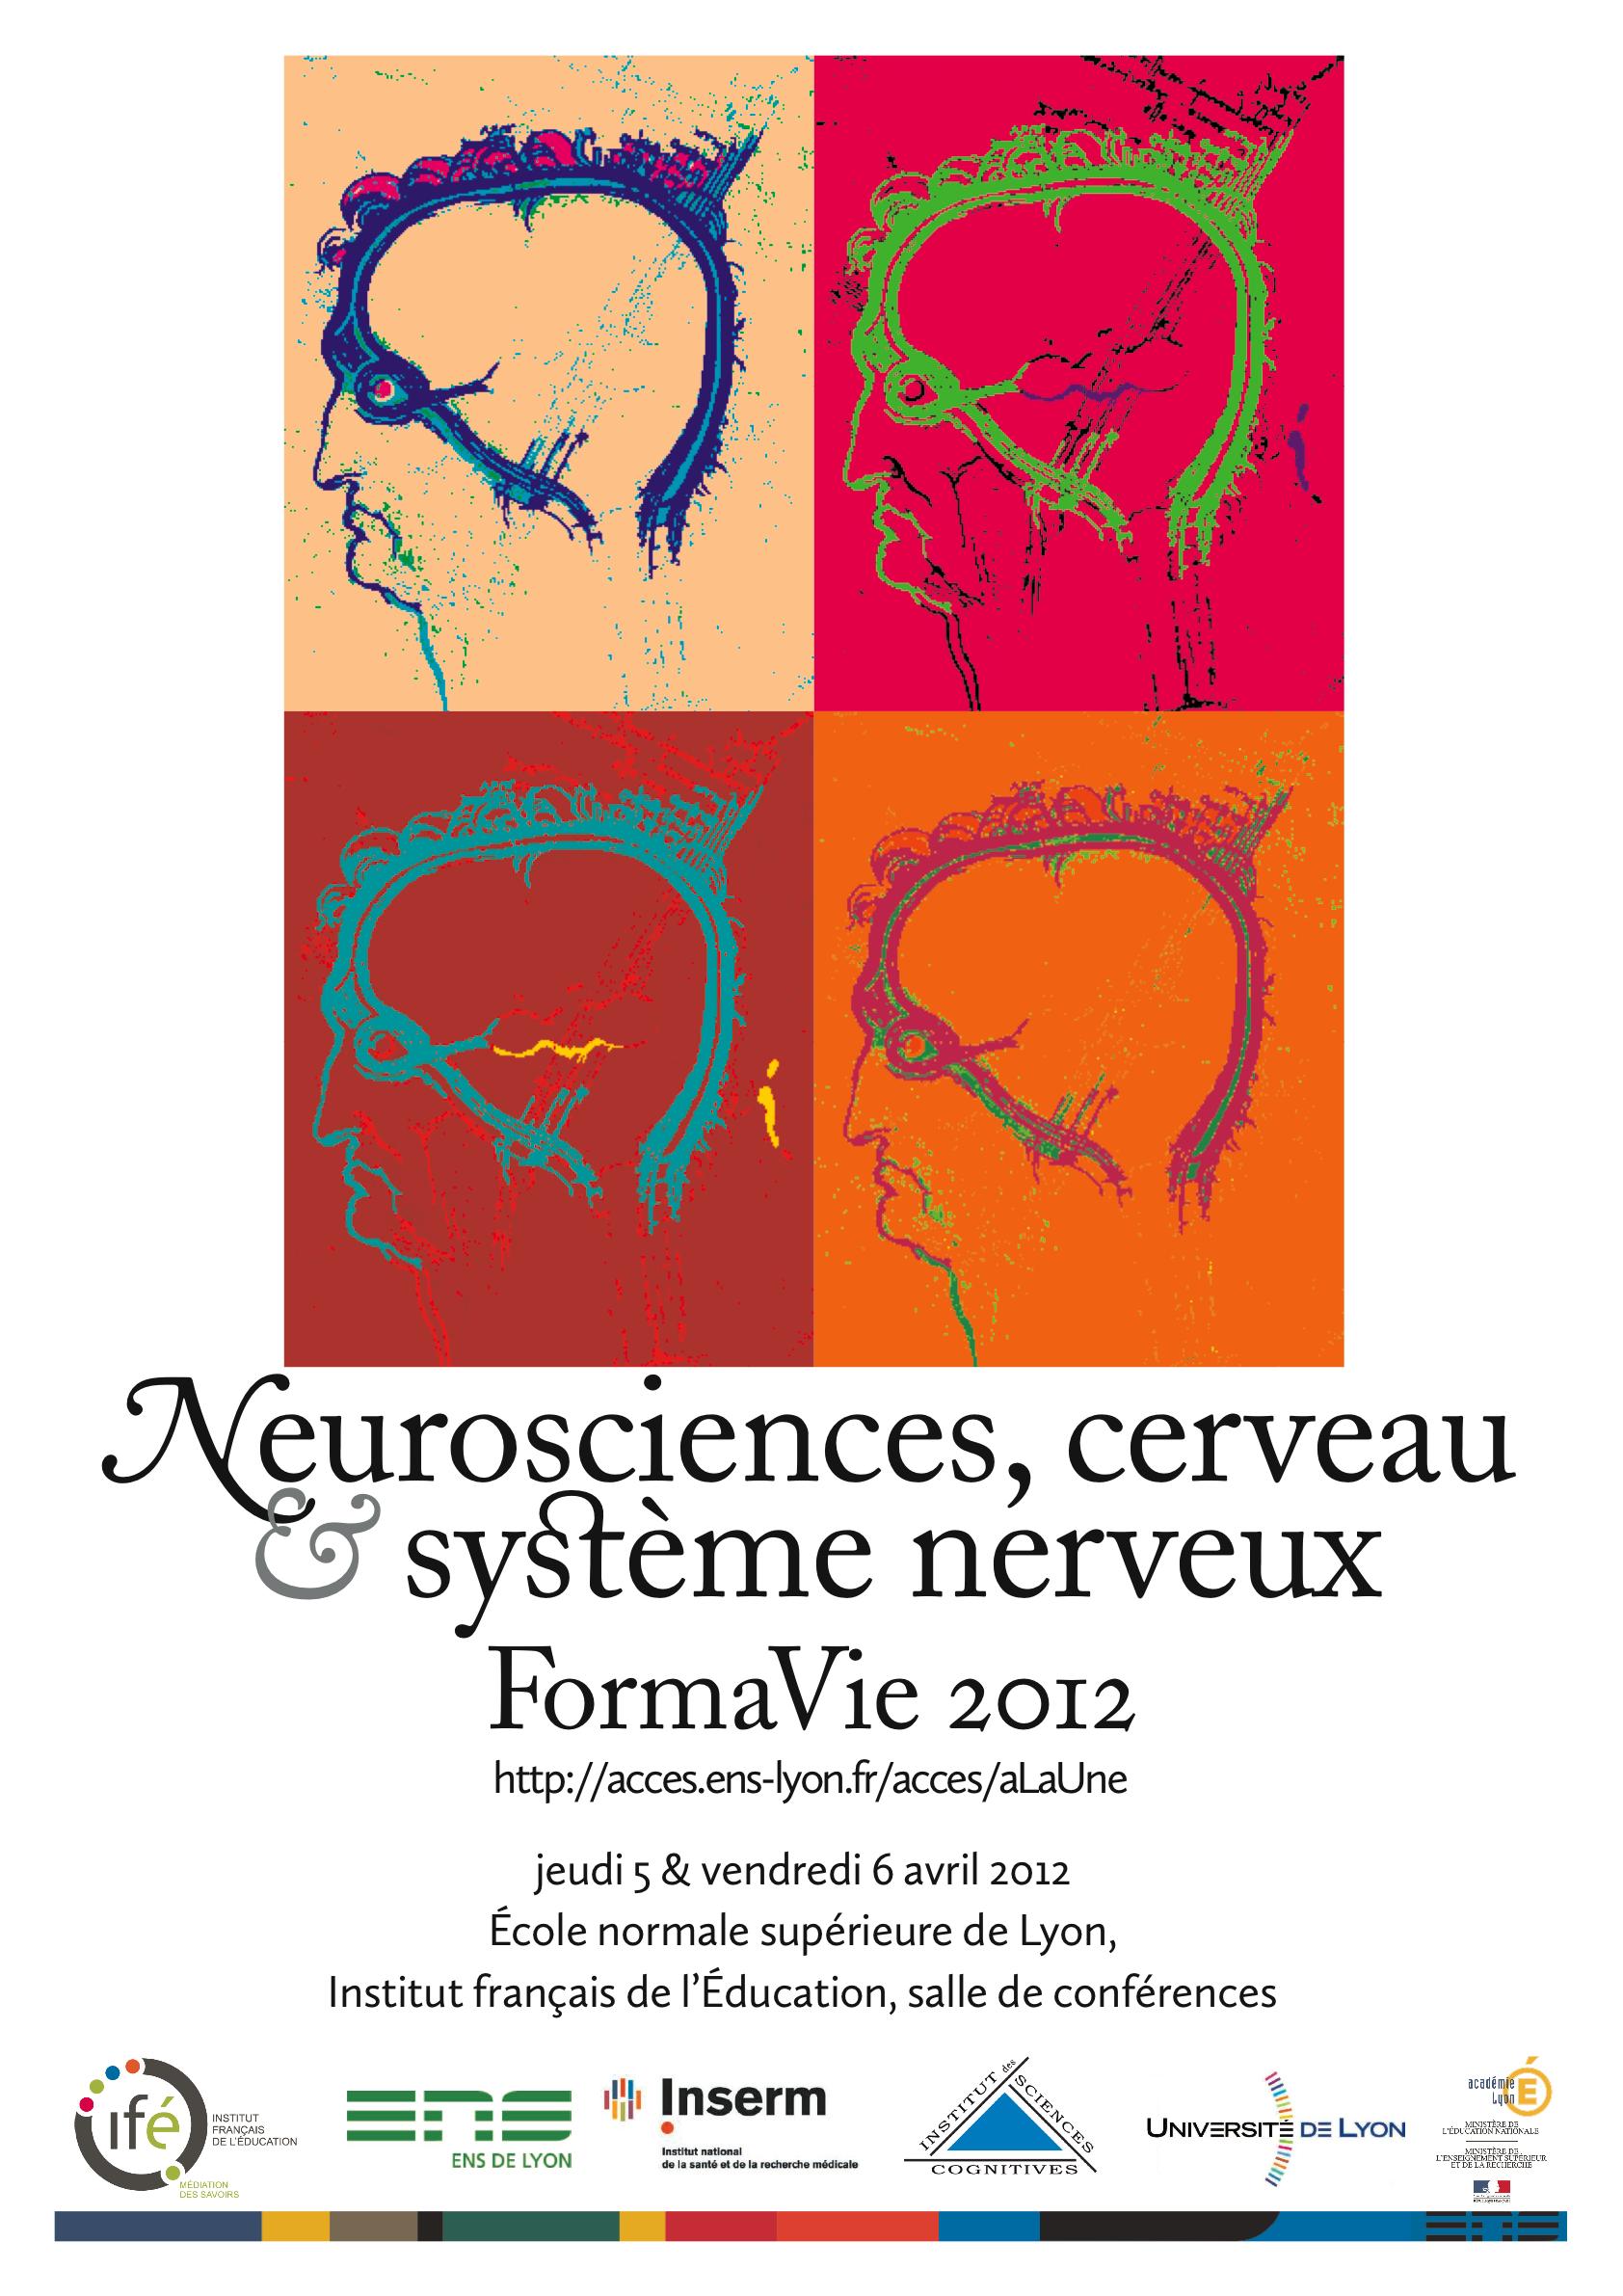 FormaVie 2012 : Neurosciences, cerveau et système nerveux